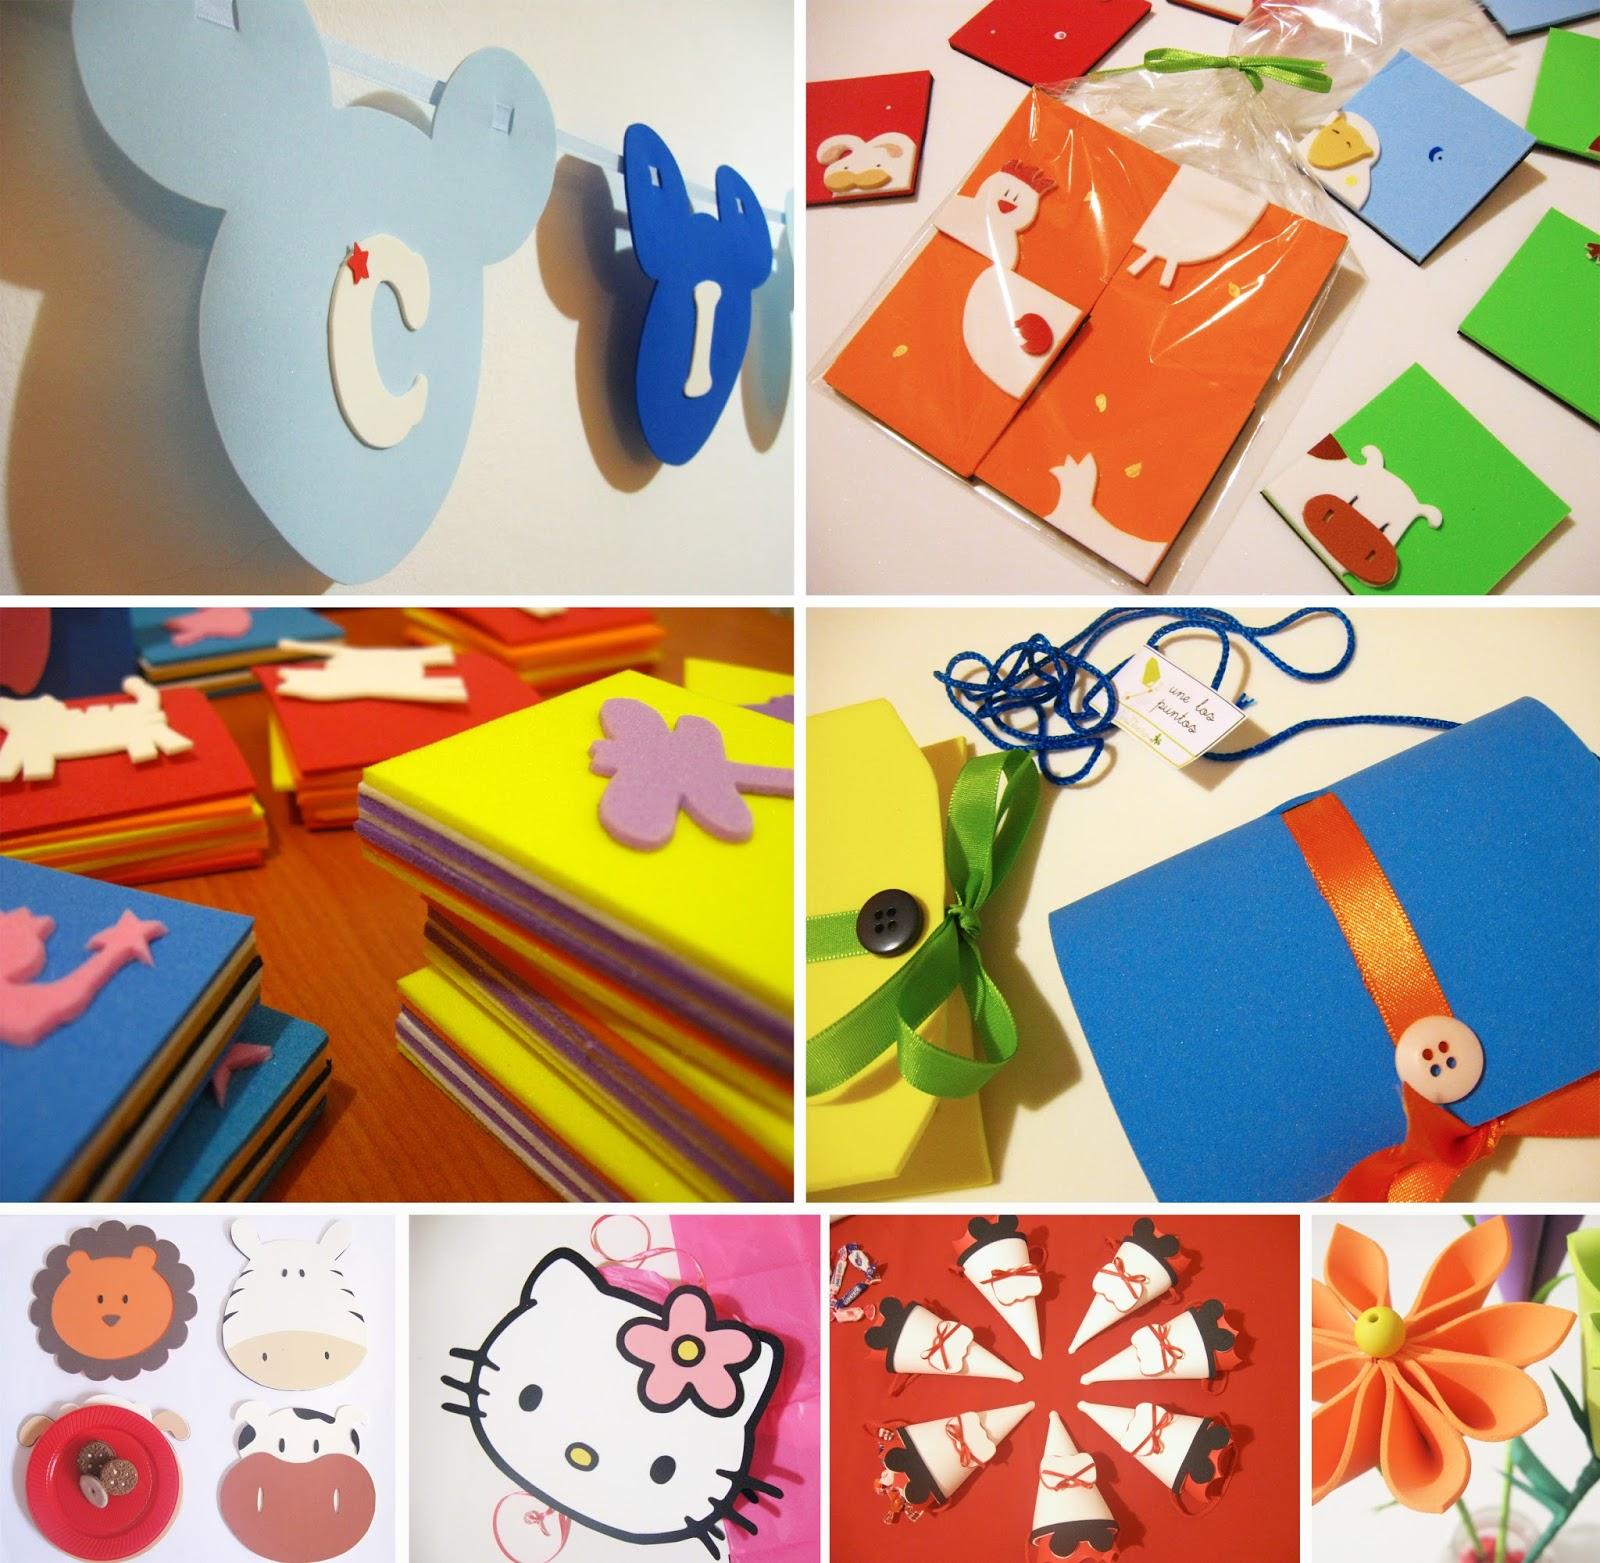 Accesorios infantiles con dise o todo para cumplea os - Accesorios de cumpleanos infantiles ...